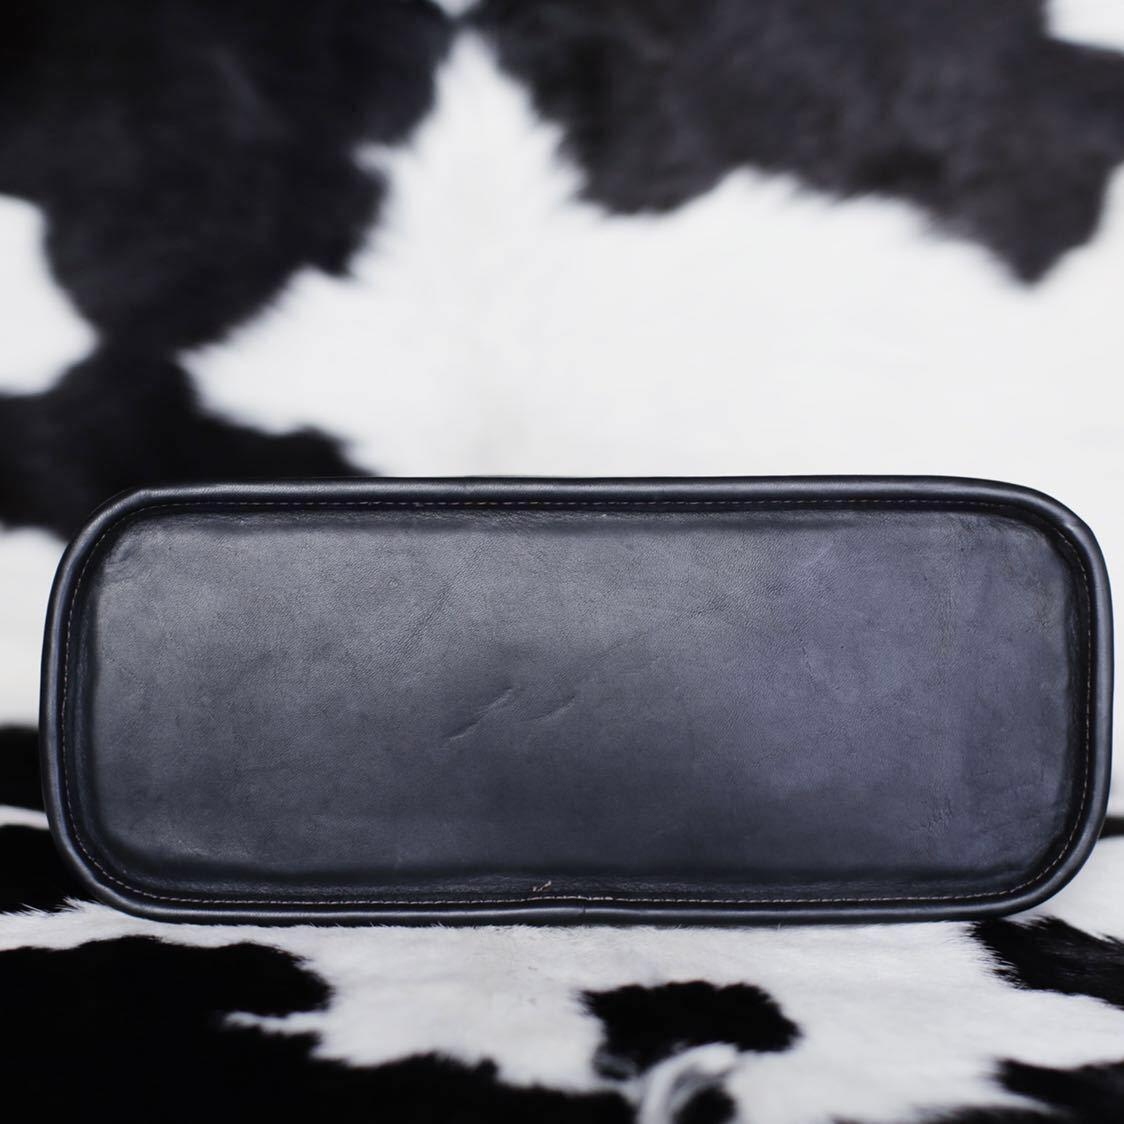 未使用品級 美品 コーチ COACH トートバッグ バッグ ビジネスバッグ 黒 ブラック レザー メンズバッグ 革 15万 オールドコーチ ビンテージ_画像7